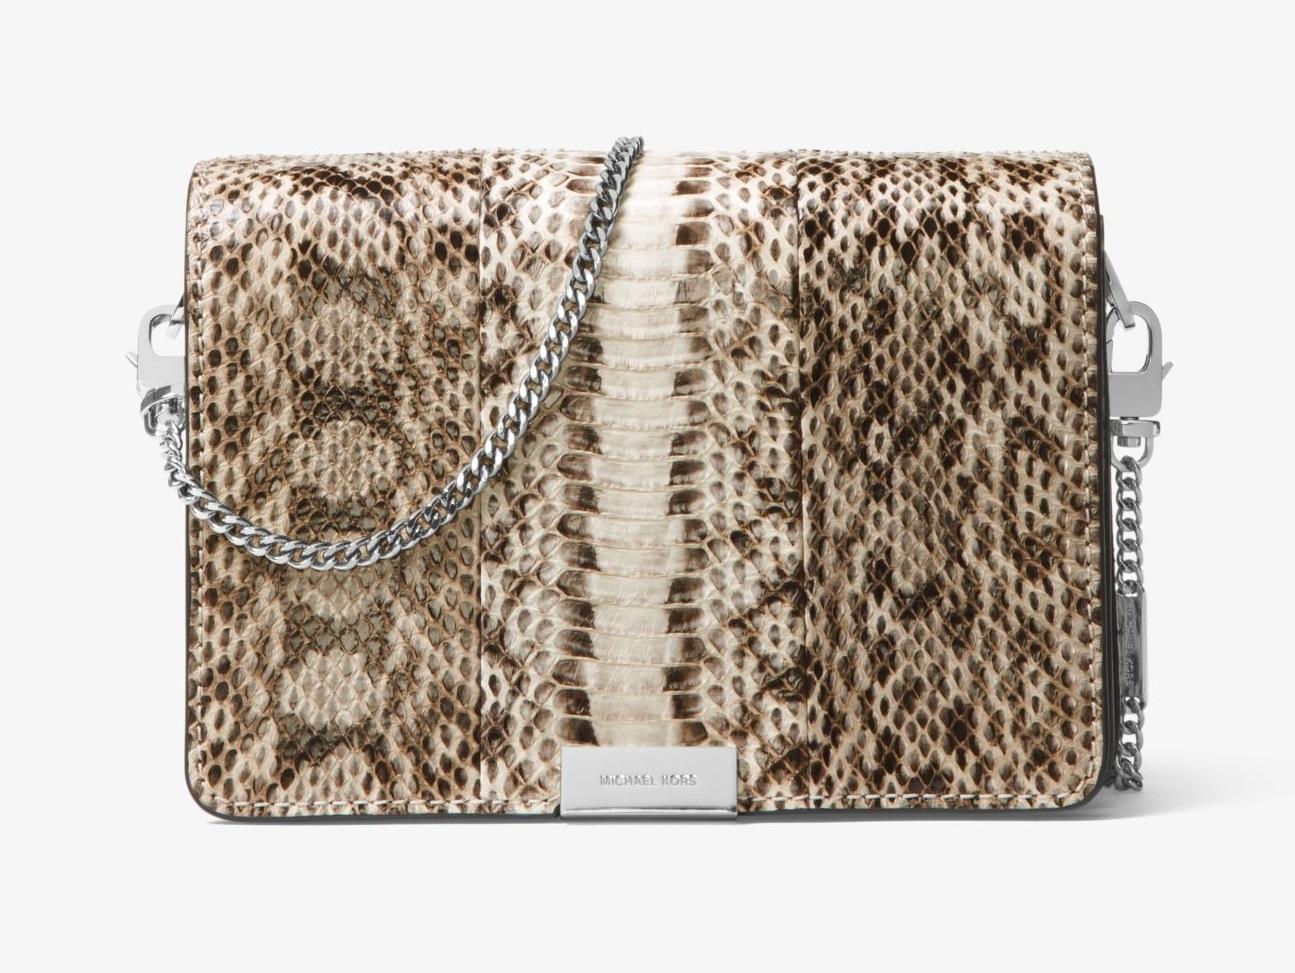 Pochette Jade Michael Kors in pelle di serpente collezione 2018